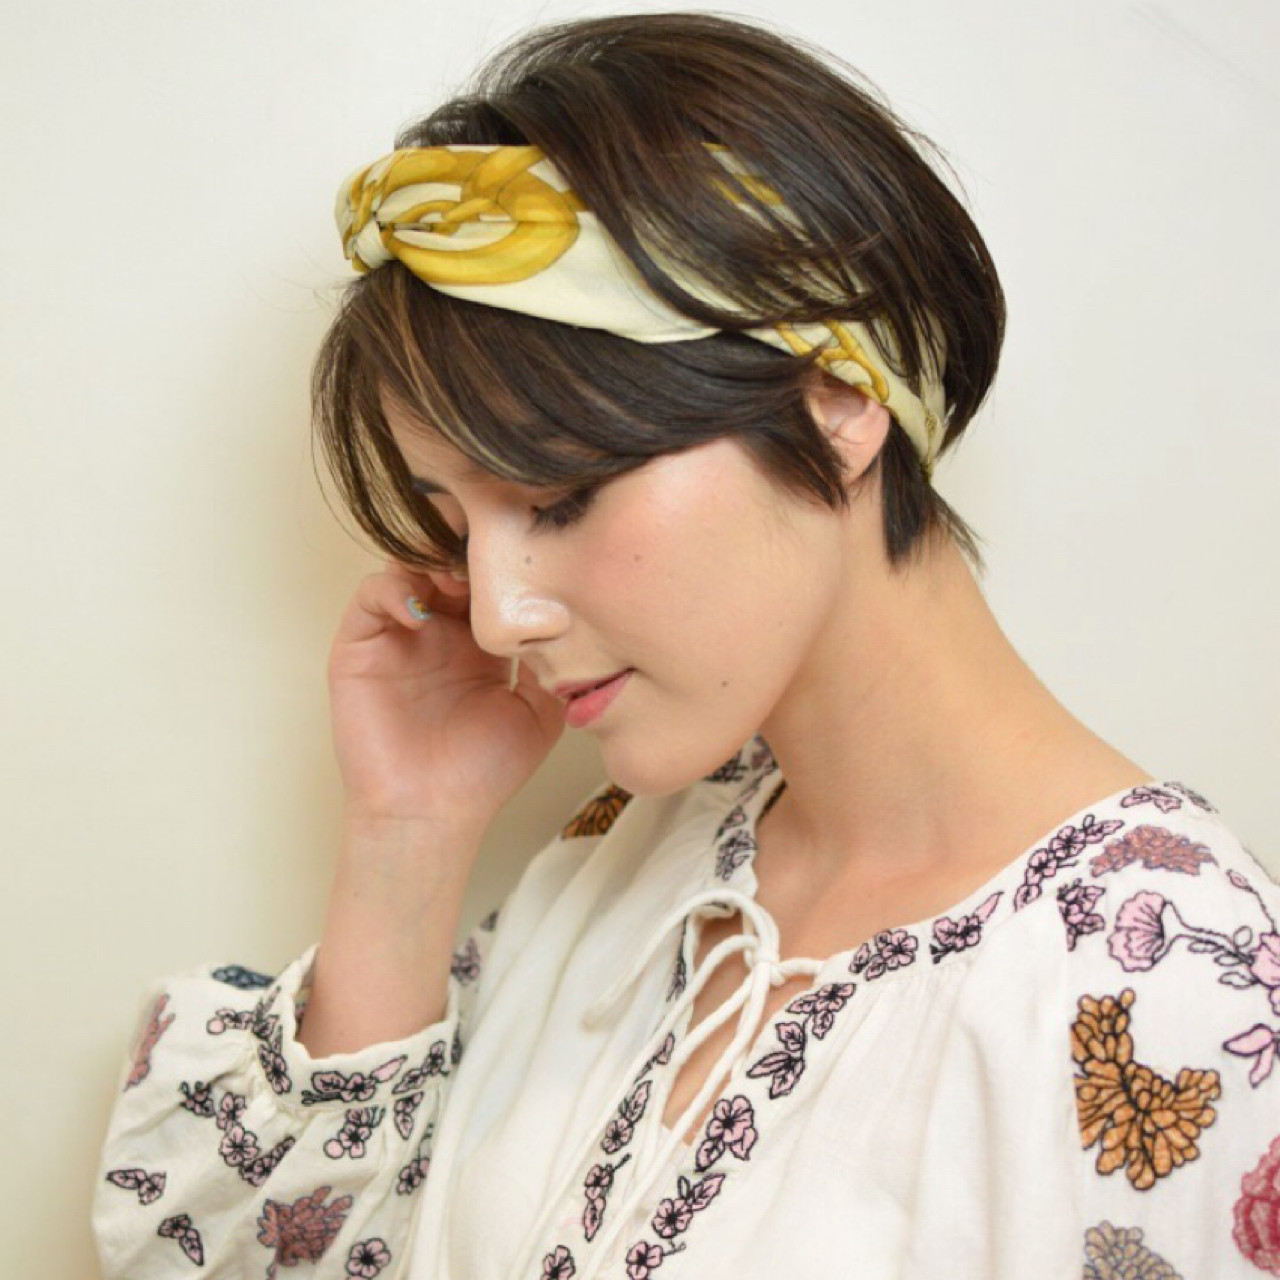 ヘアバンドを取り入れて、シーン選ばすグッとオシャレな髪型に♡ miyuki saito